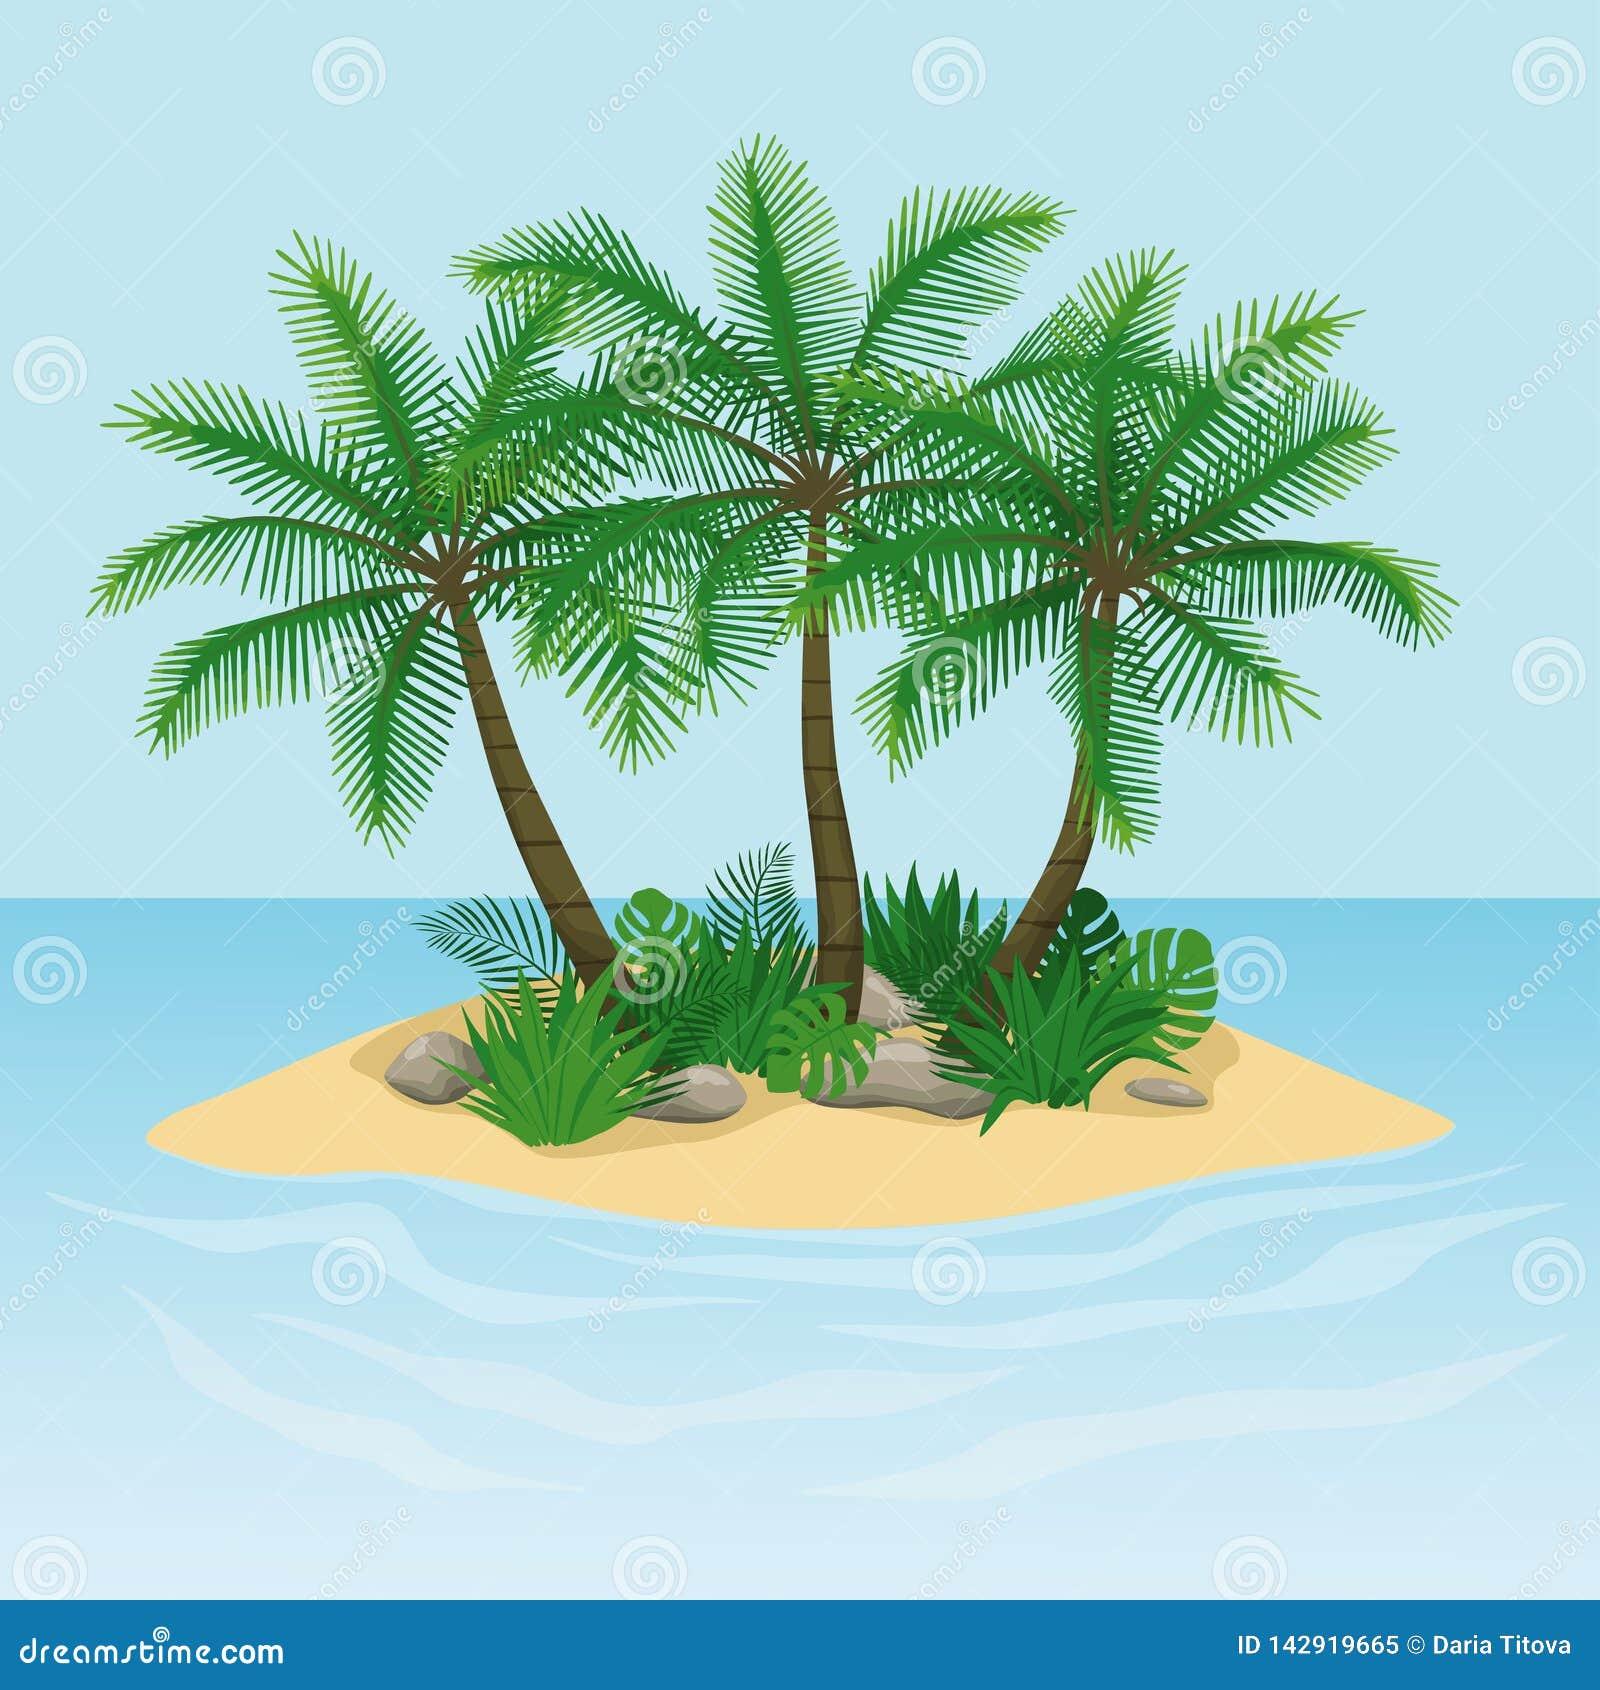 Wyspa z drzewkami palmowymi, skałami i kamieniami,